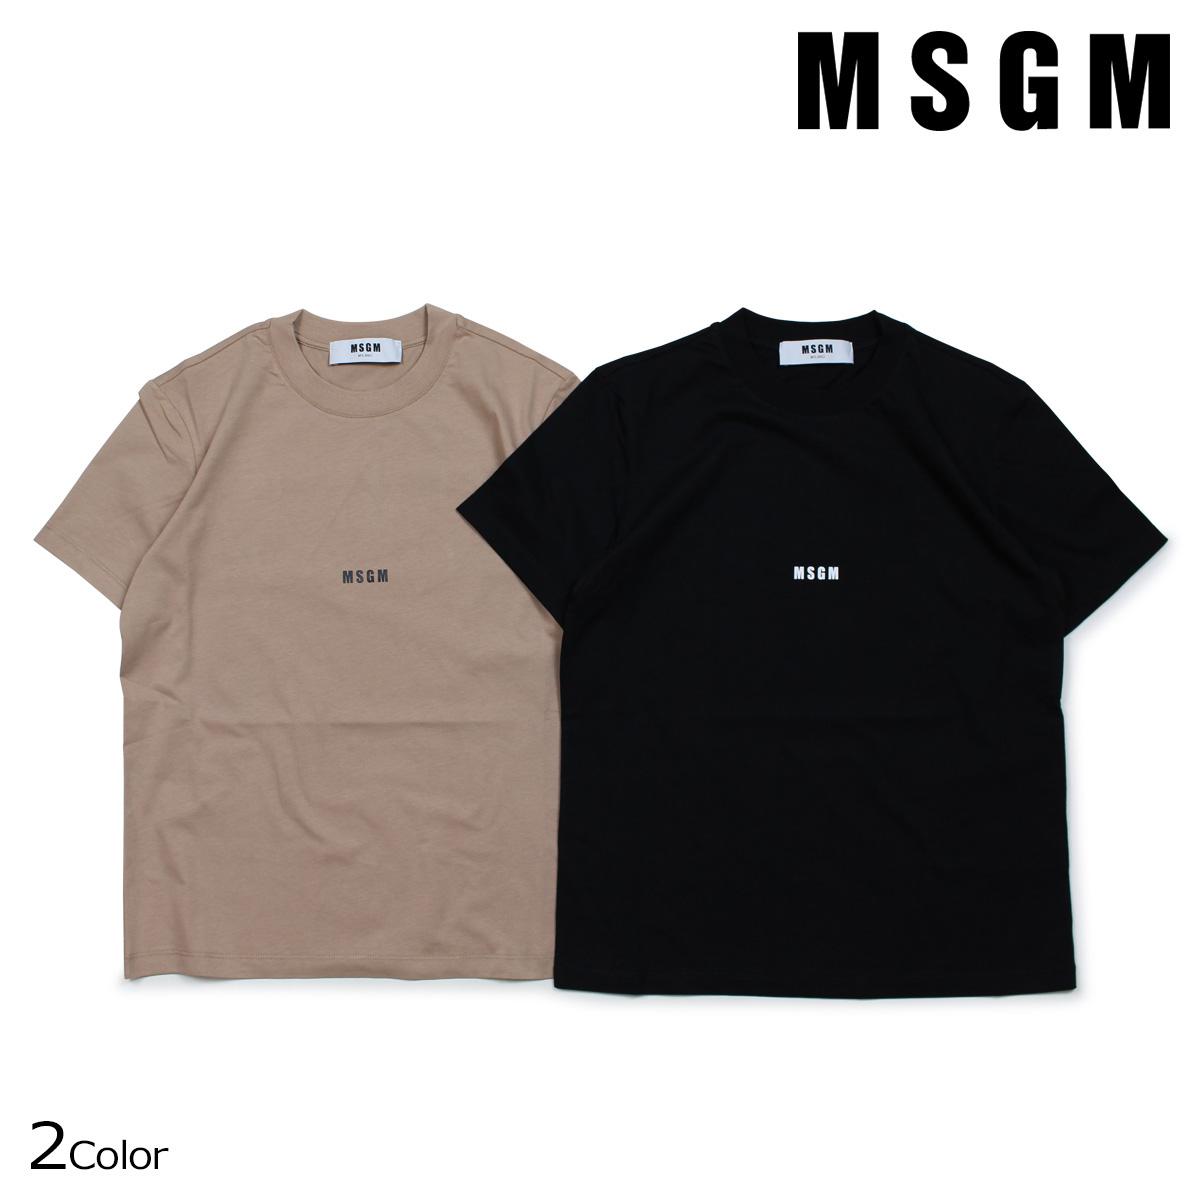 MSGM MICRO LOGO T-SHIRT Tシャツ レディース エムエスジーエム 半袖 ブラック ブラウンベージュ 2541MDM100 184798